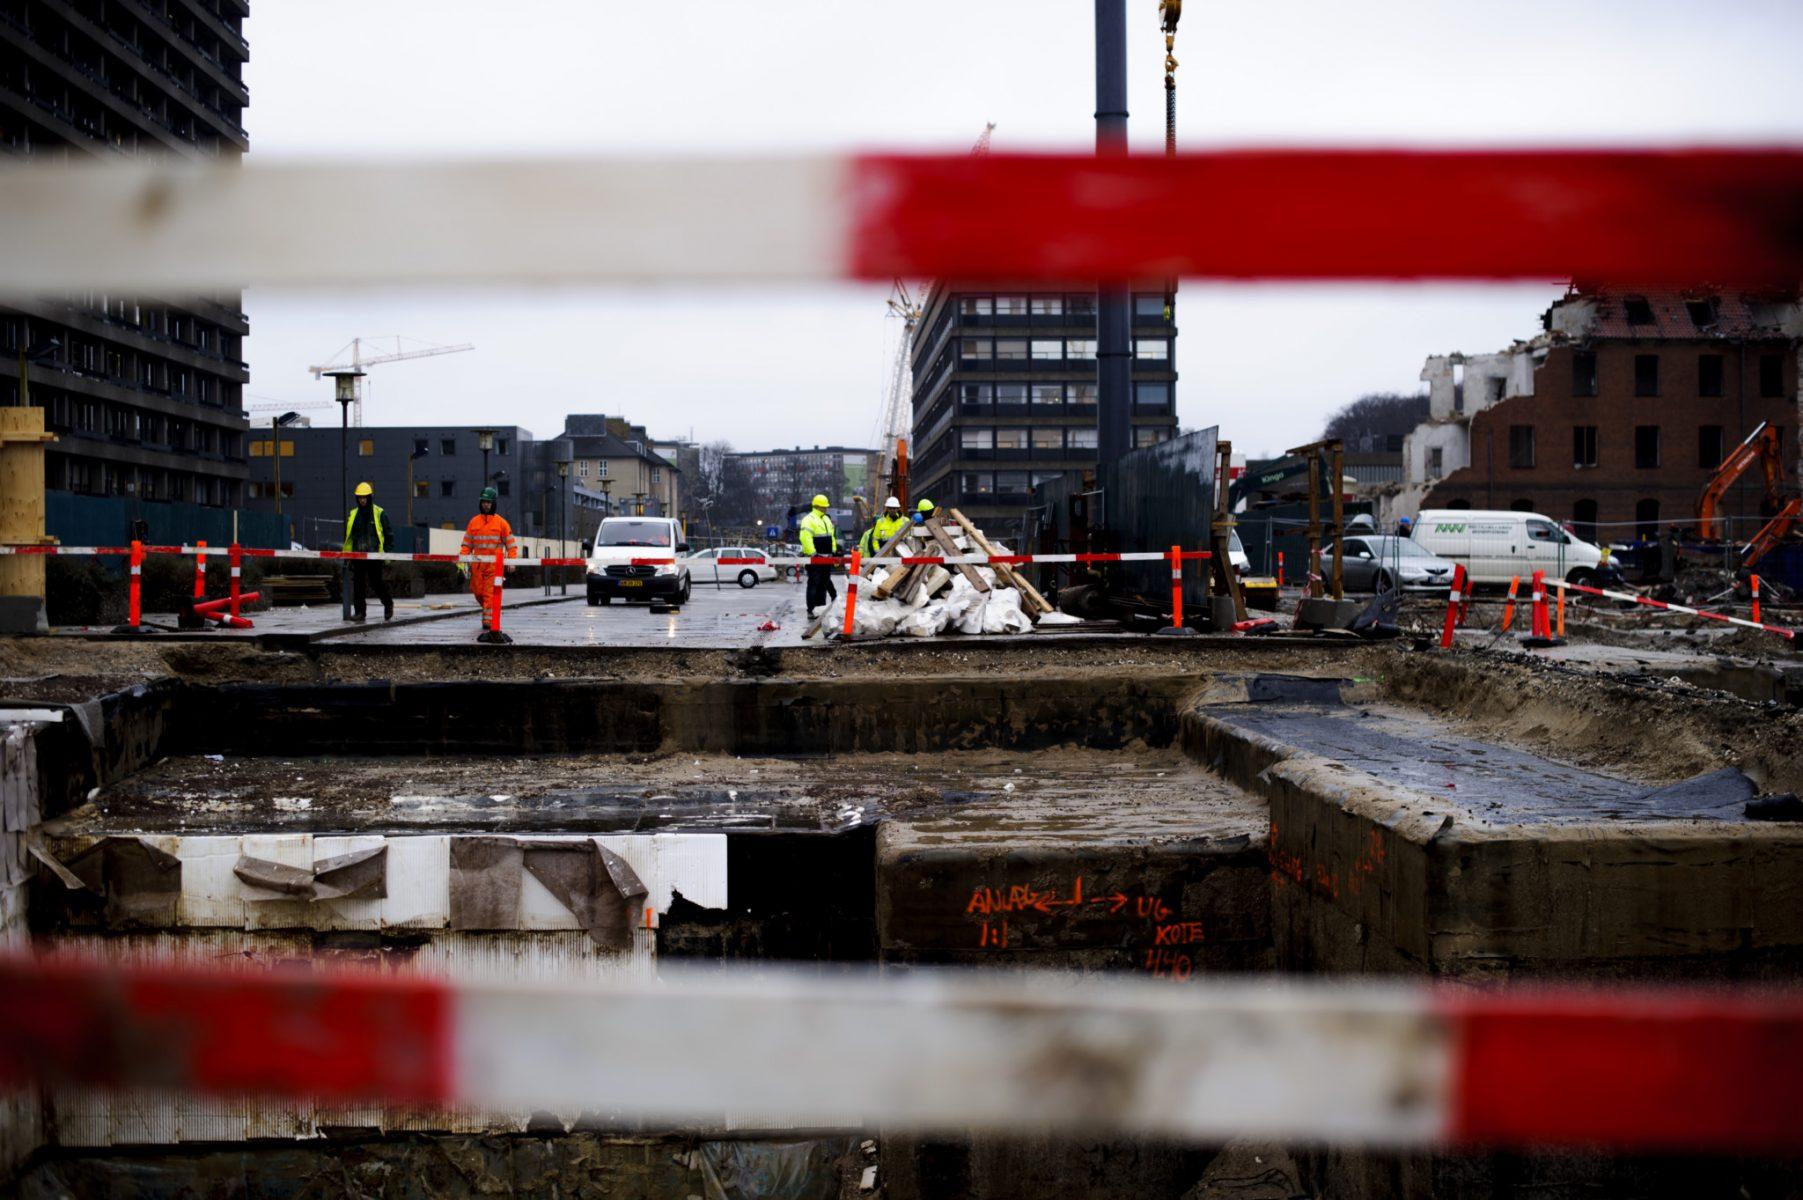 Faglige Advarer: Nyt EU-tiltag åbner For Farlige Udstationeringsfinter